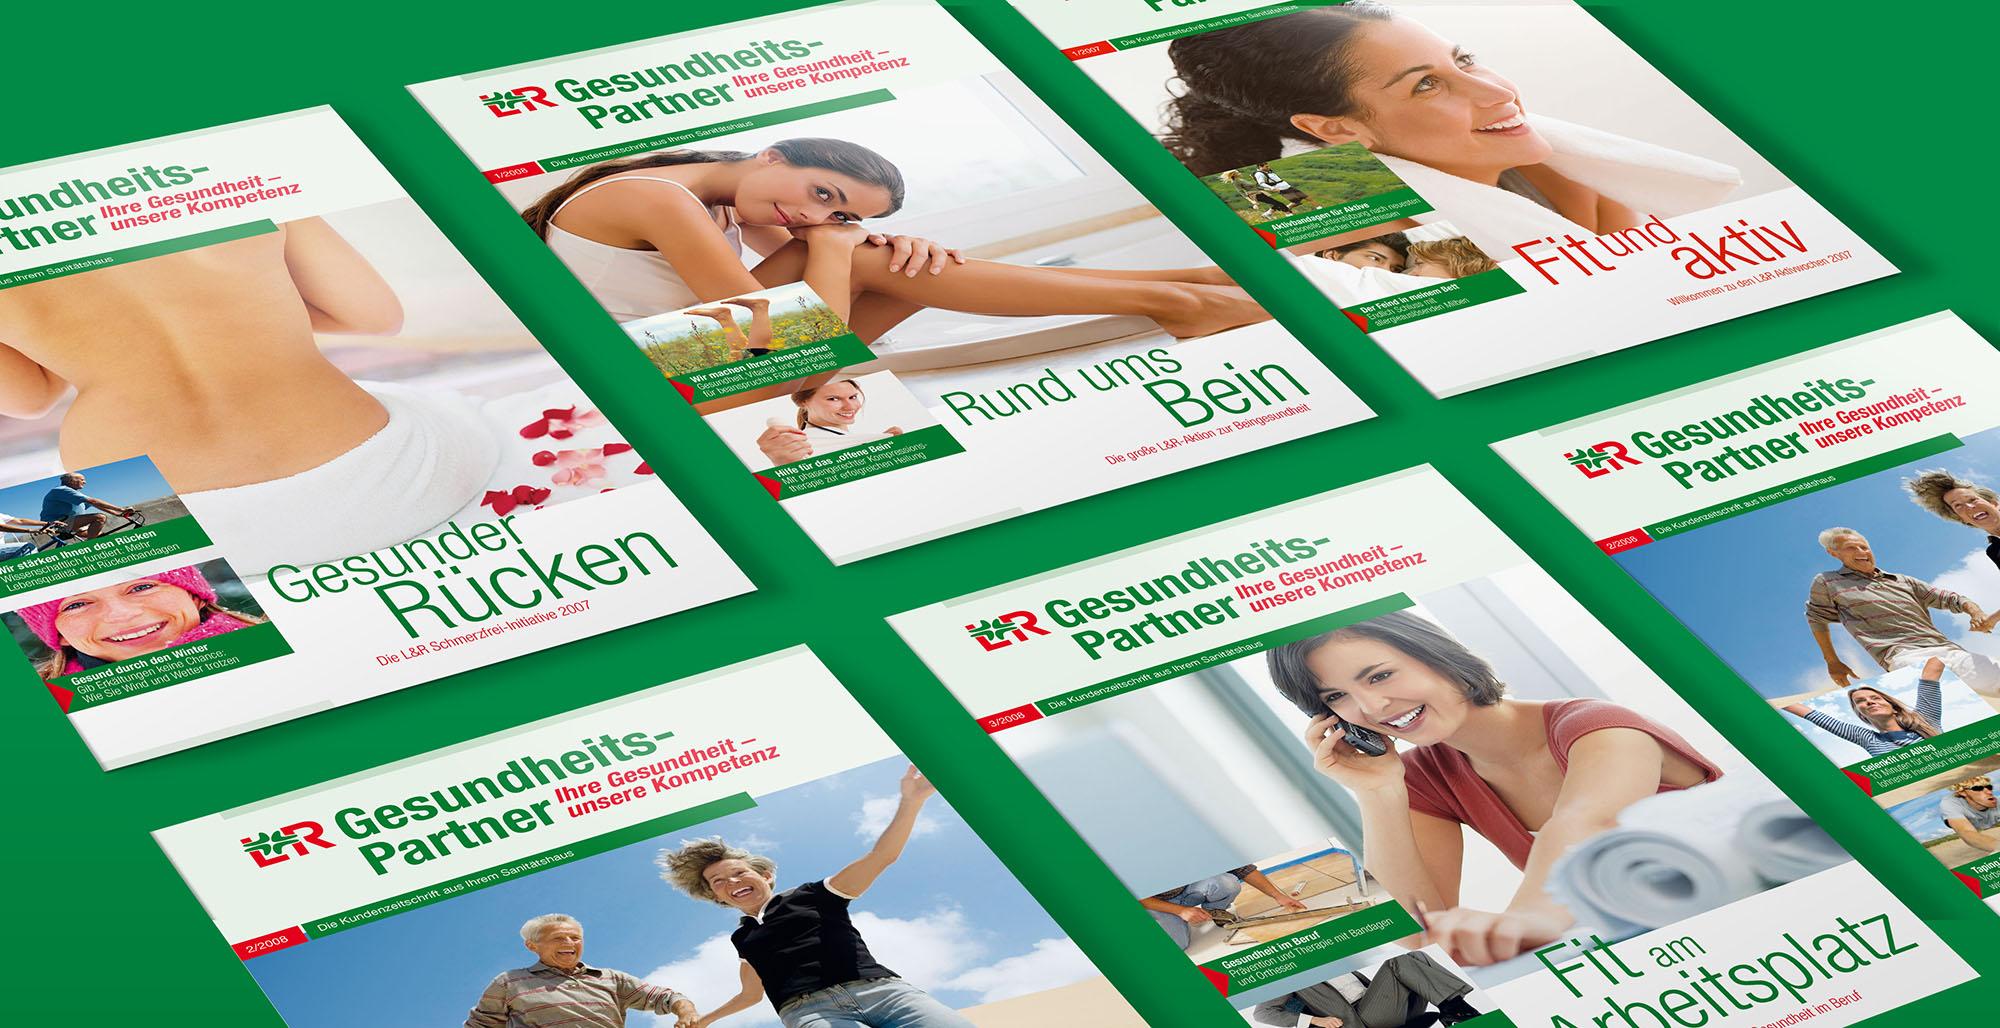 L&R GesundheitsPartner Magazin – Werbeagentur Lehnstein Koblenz Referenzen